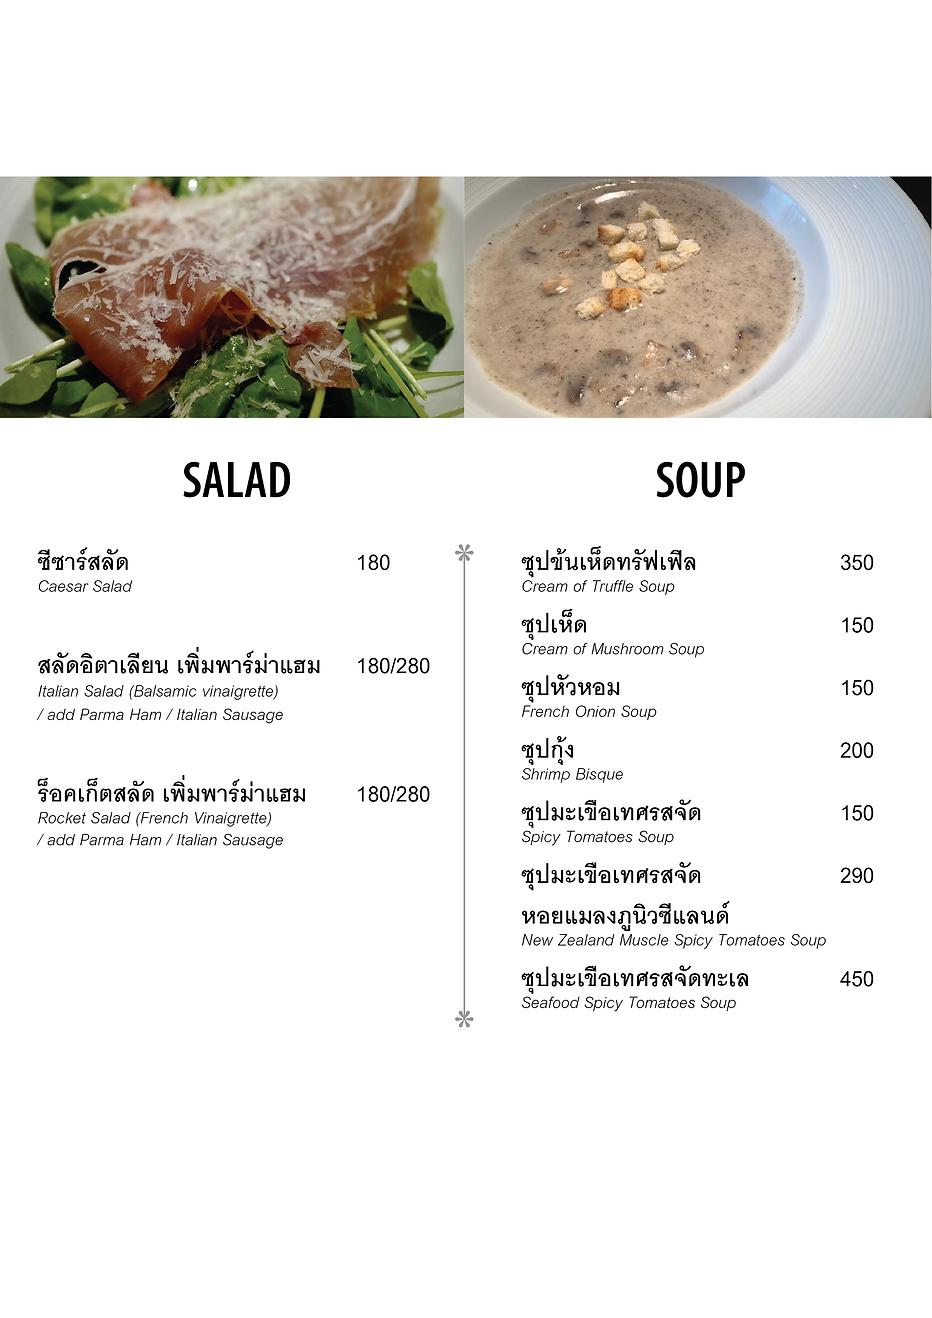 Chef's Table Steve Menu Soup&Salad